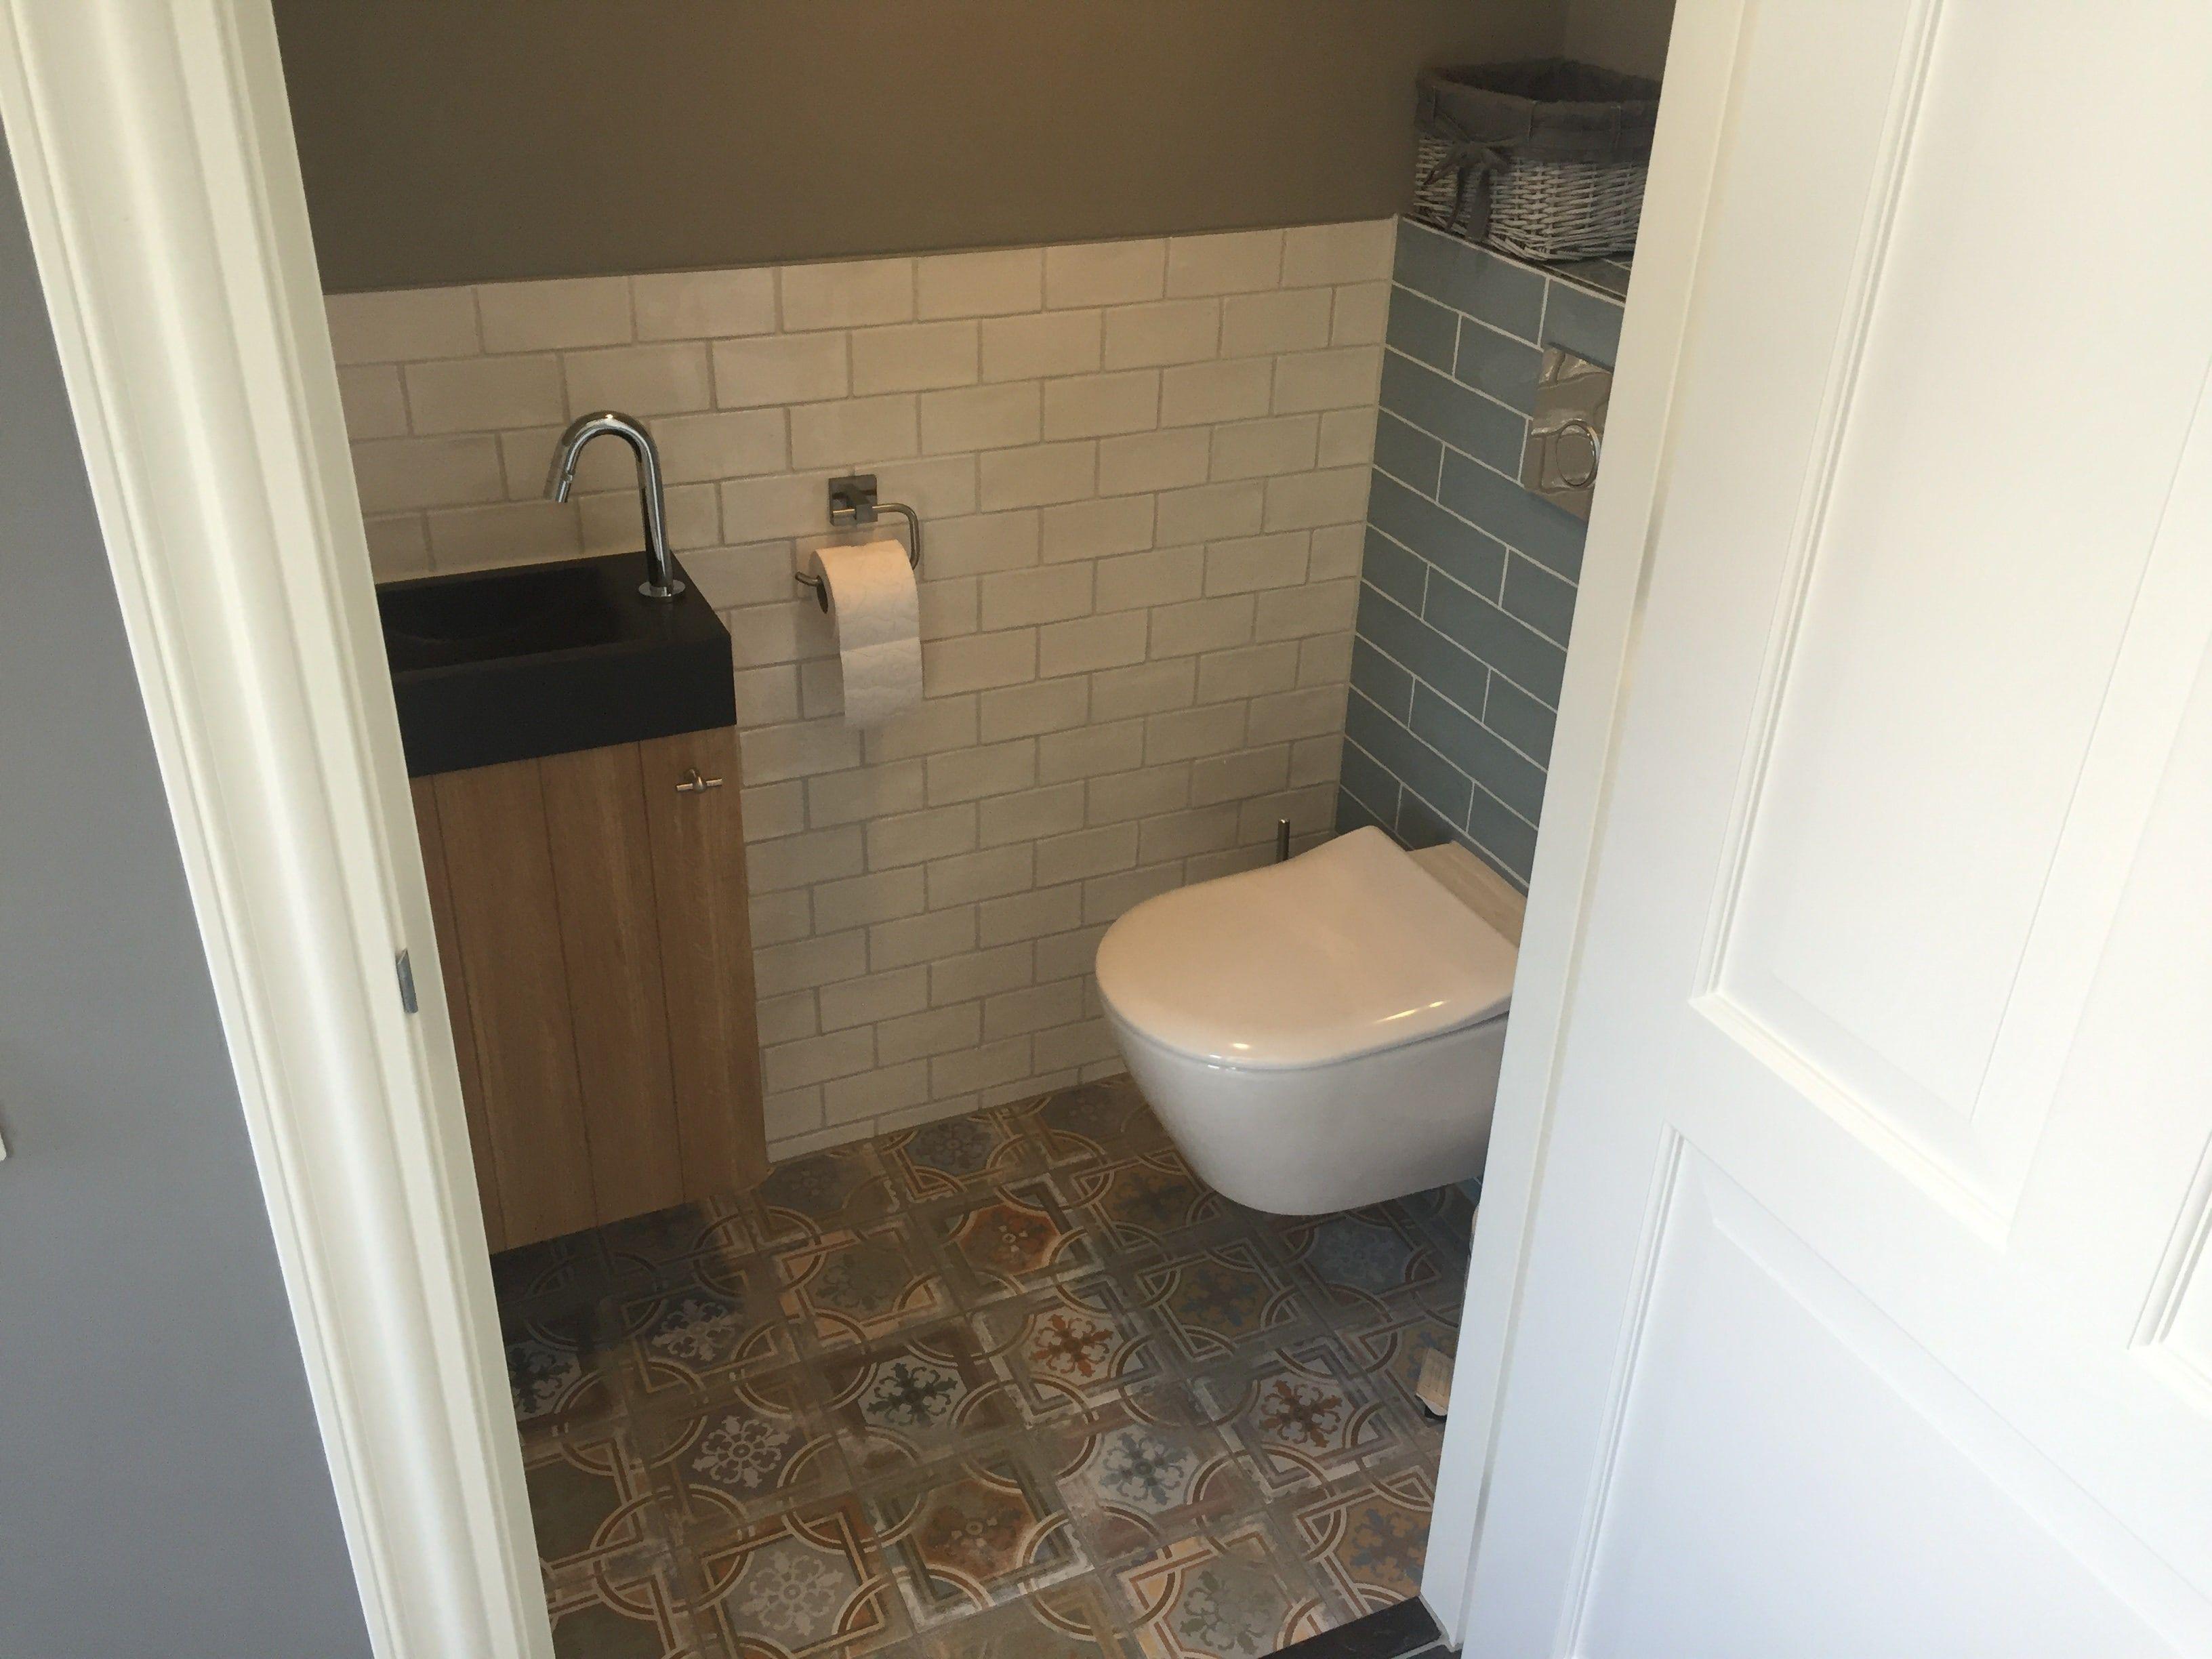 Toilet met leuke versleten decor tegels in vrolijke kleuren